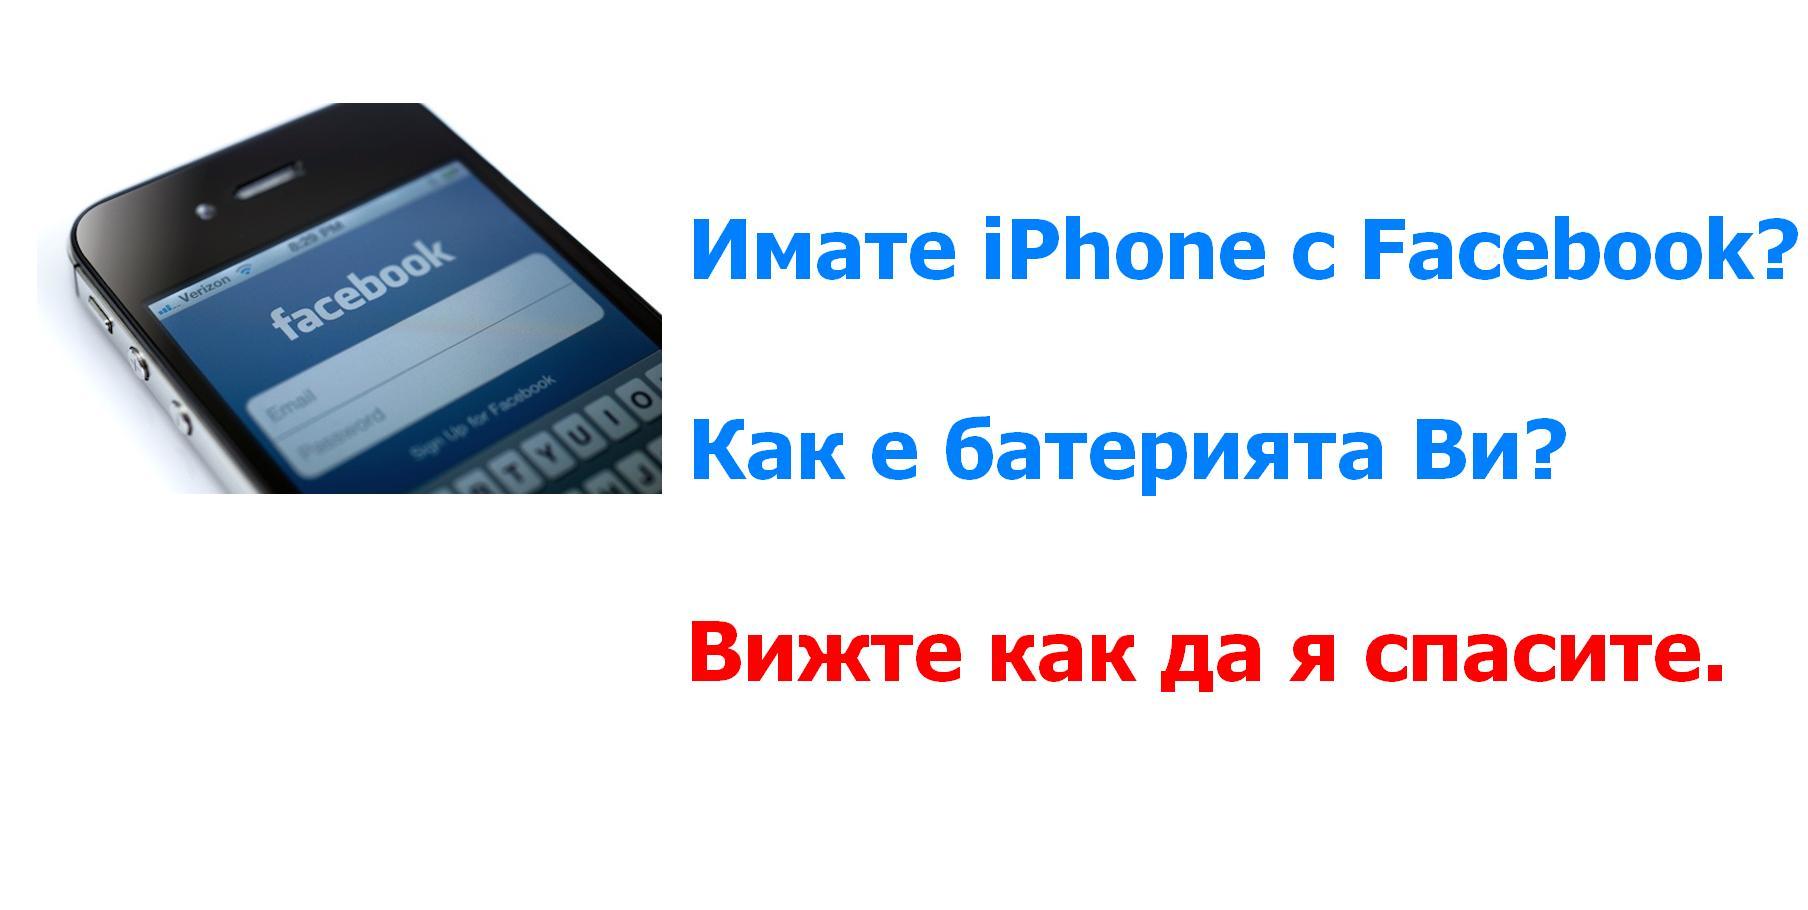 Батерията на iphone пада бързо. Facebook e виновникът.